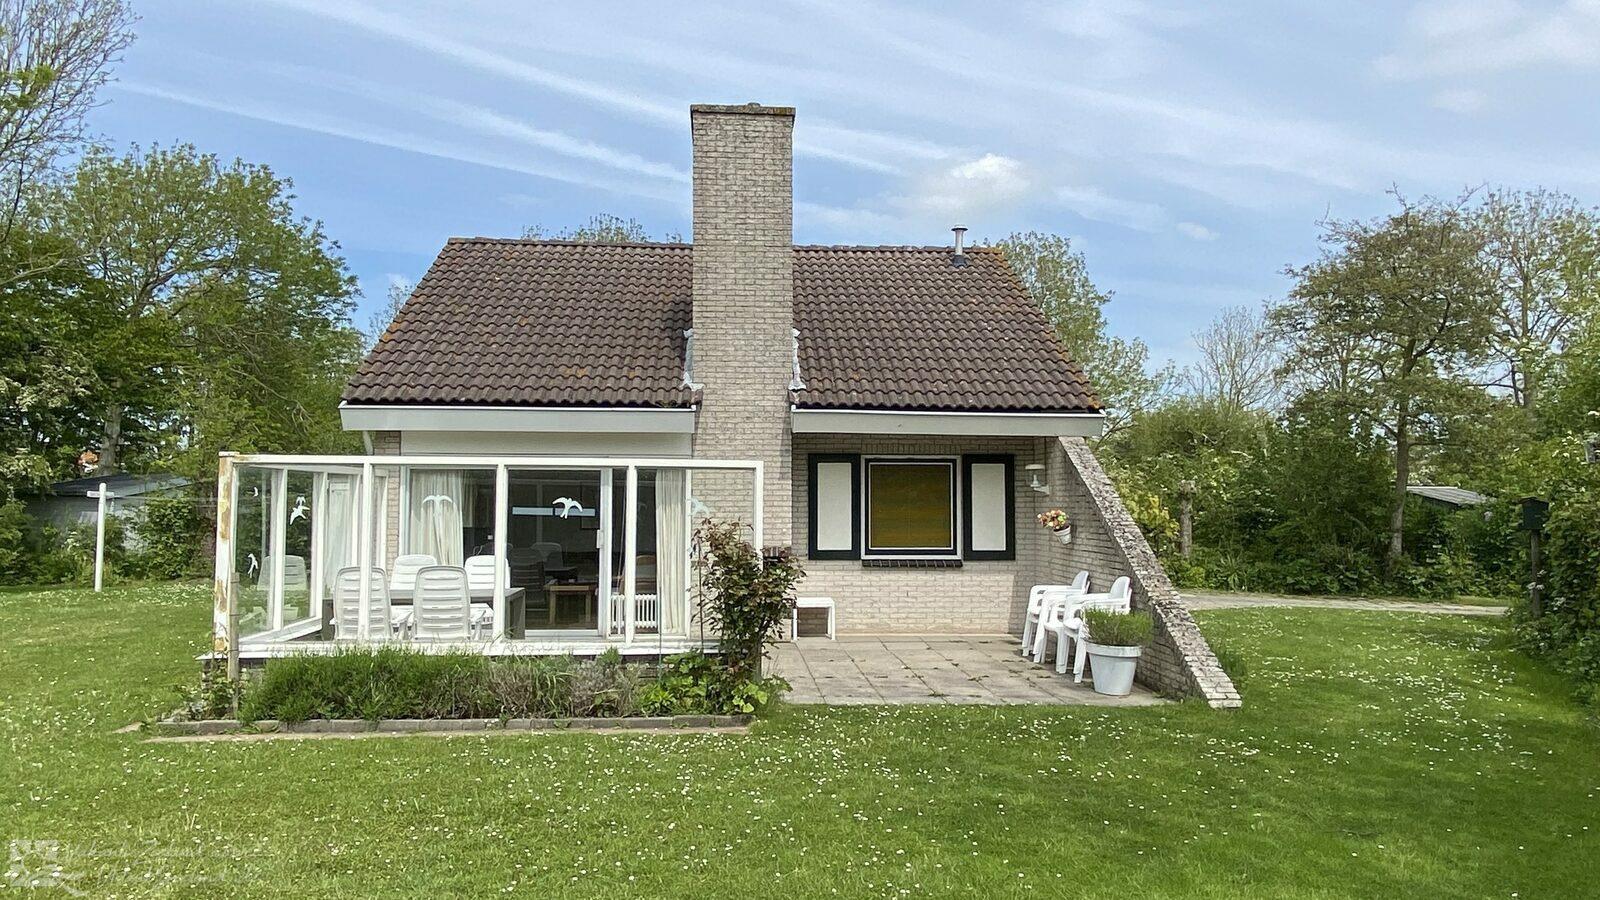 VZ585 Villa Zoutelande